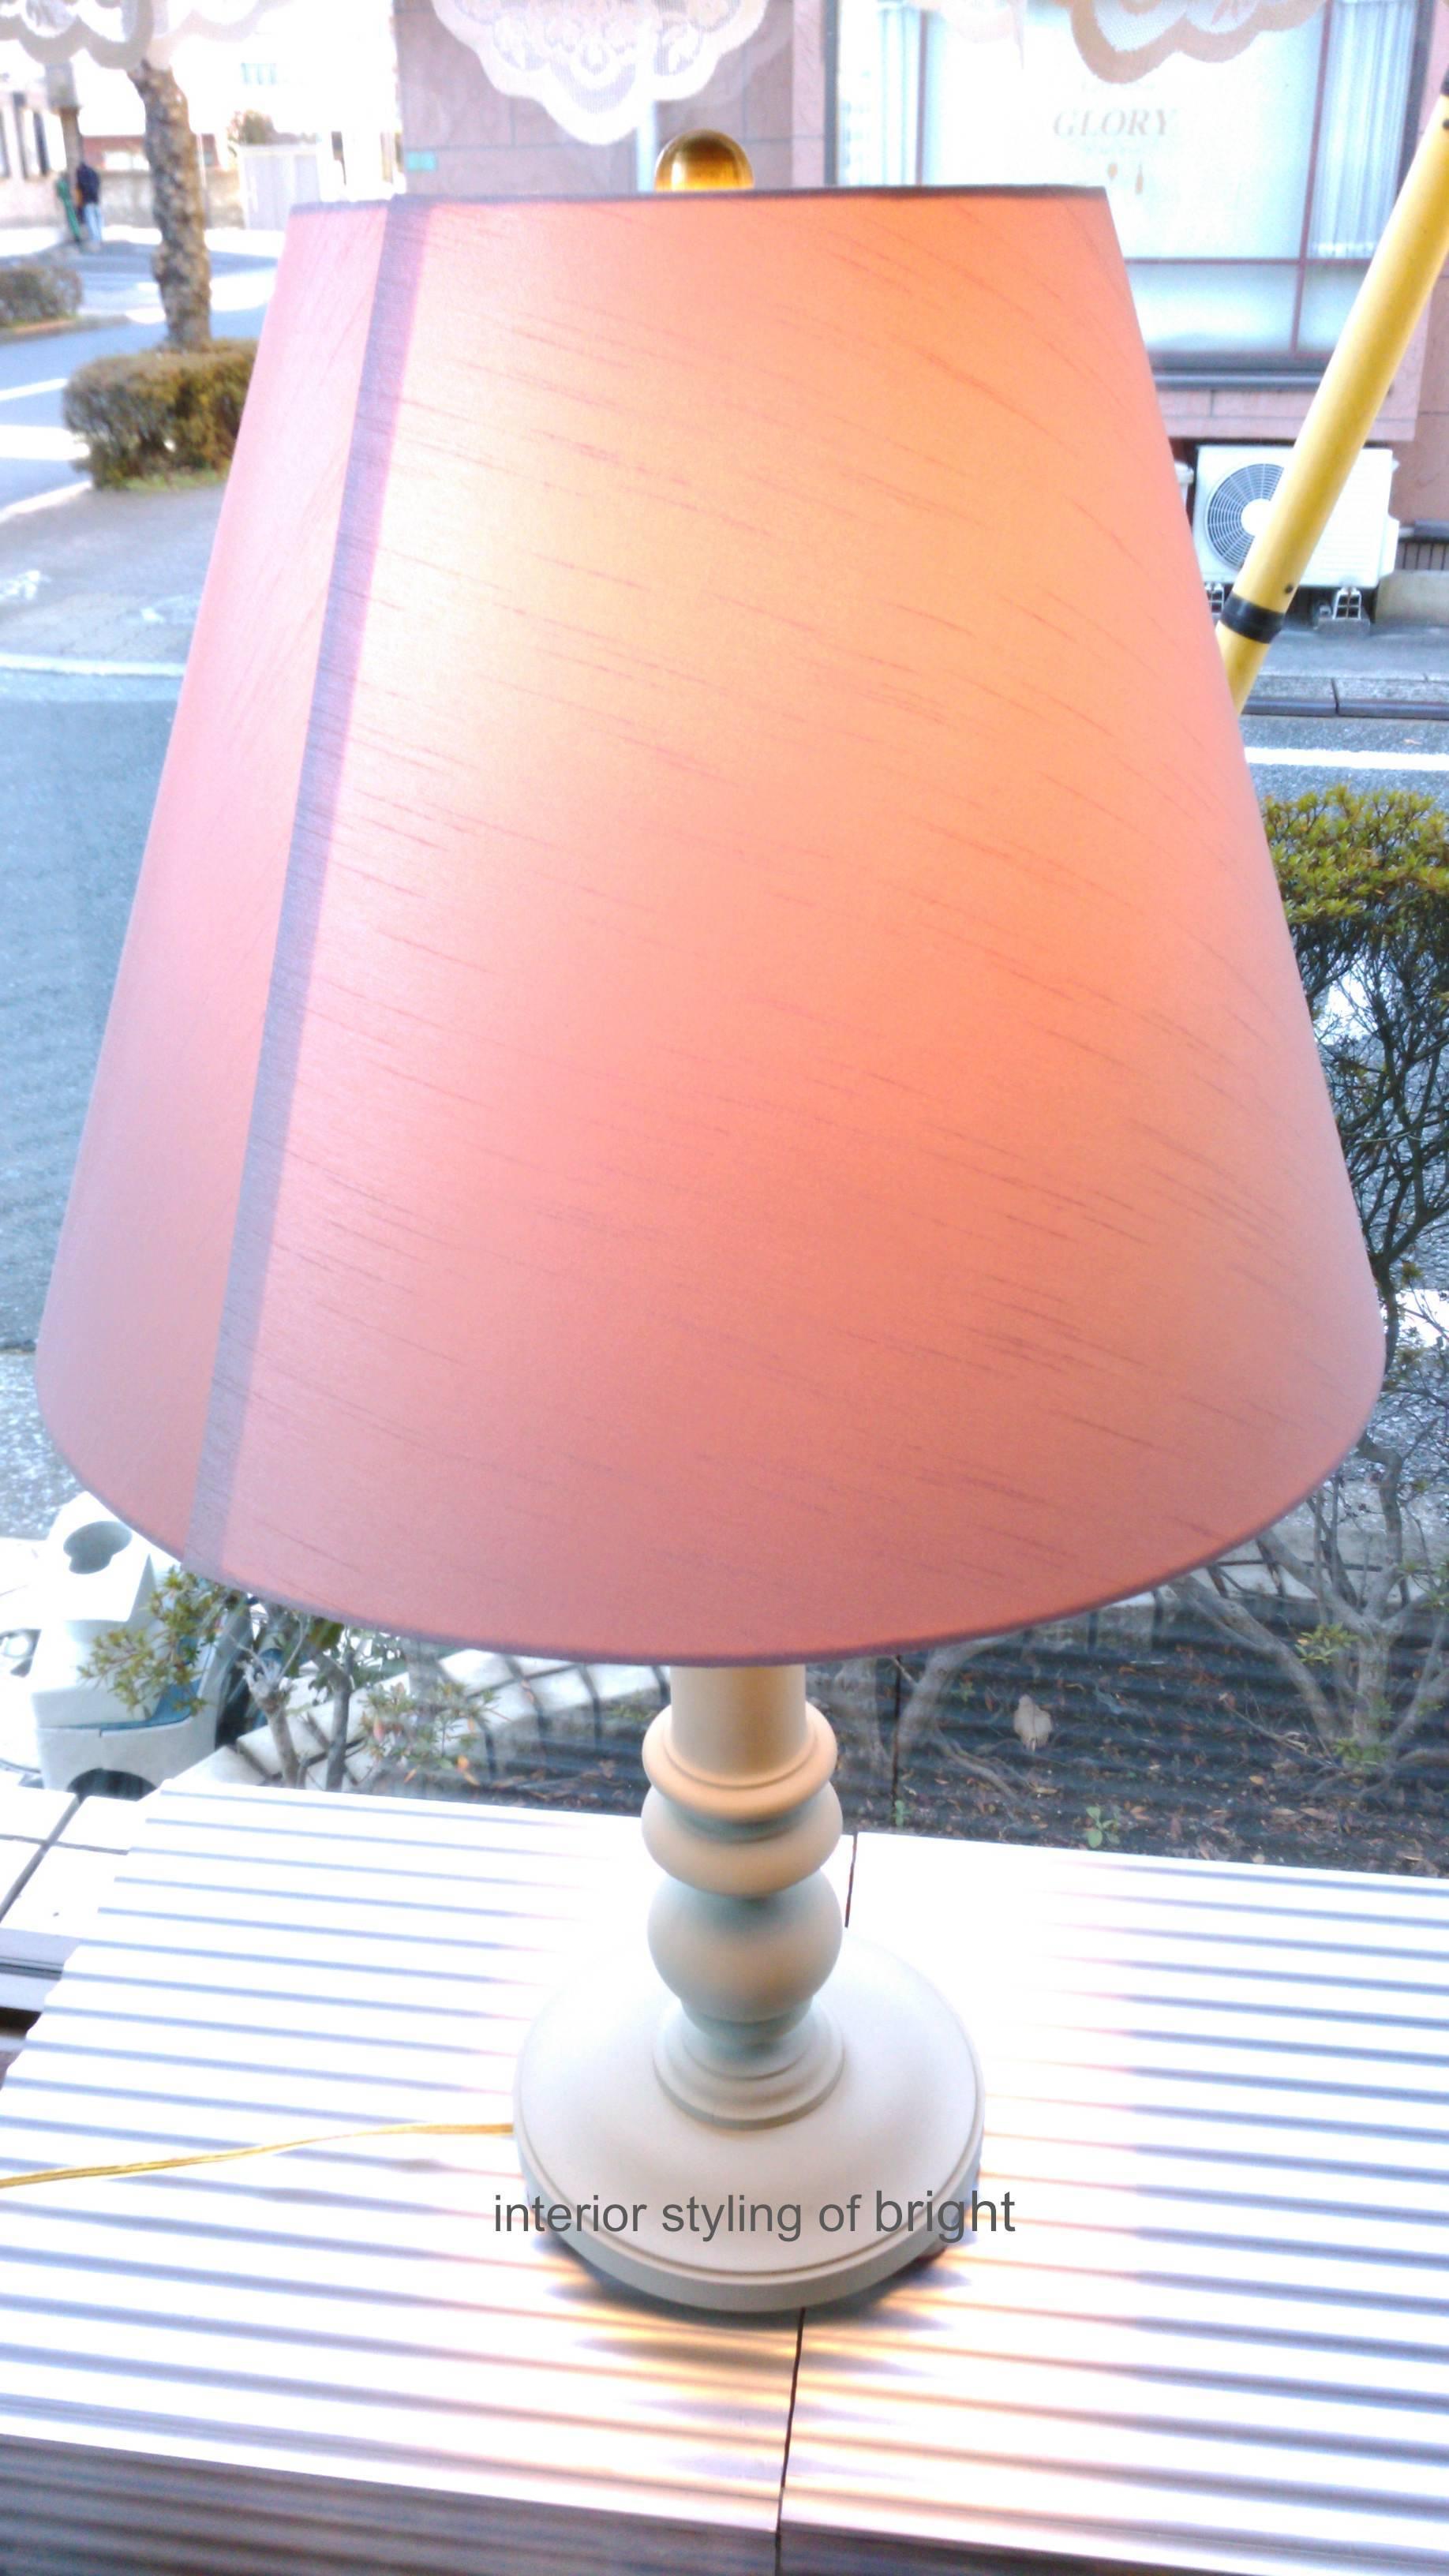 ランプシェード 張替 ウィリアムモリス正規販売店のブライト_c0157866_15265080.jpg